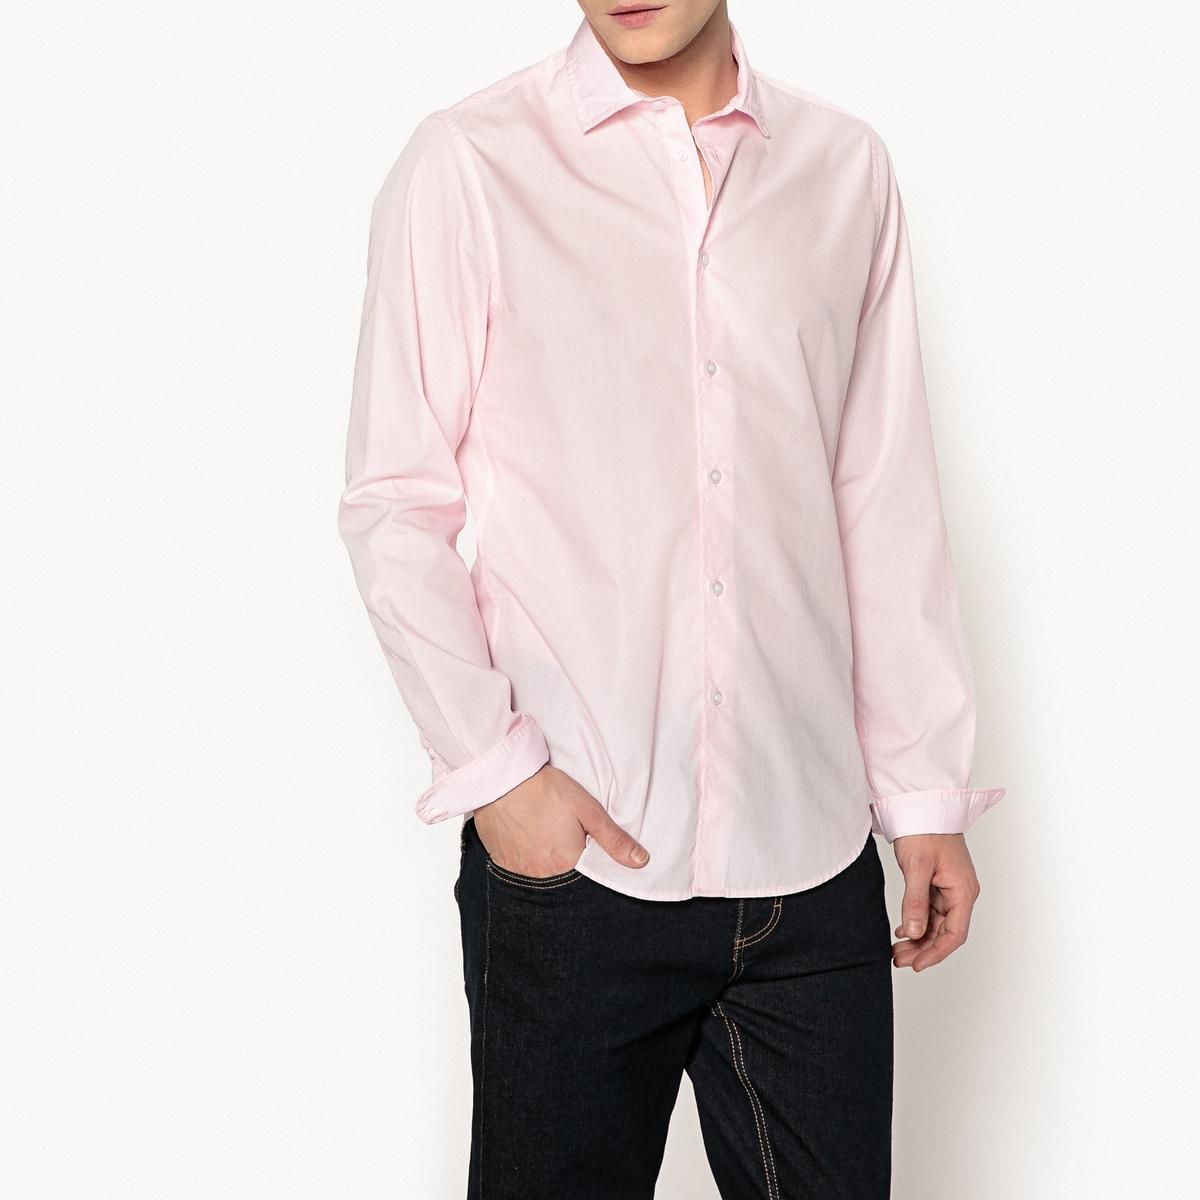 Рубашка узкого покрояРубашка с длинными рукавами. Облегающий покрой. Классический воротник со свободными кончиками . Легкая глажка.Состав и описание : Материал         55% хлопка, 45% полиэстераДлина       78,5 см Марка          R edition Уход: :Машинная стирка при 30° на деликатном режиме с вещами подобного цвета  Стирка и глажка с изнаночной стороныСухая чистка и машинная сушка запрещеныГладить на низкой температуре<br><br>Цвет: белый,небесно-голубой,синий морской,черный<br>Размер: 37/38.45/46.41/42.37/38.43/44.45/46.43/44.43/44.35/36.37/38.47/48.39/40.47/48.41/42.37/38.39/40